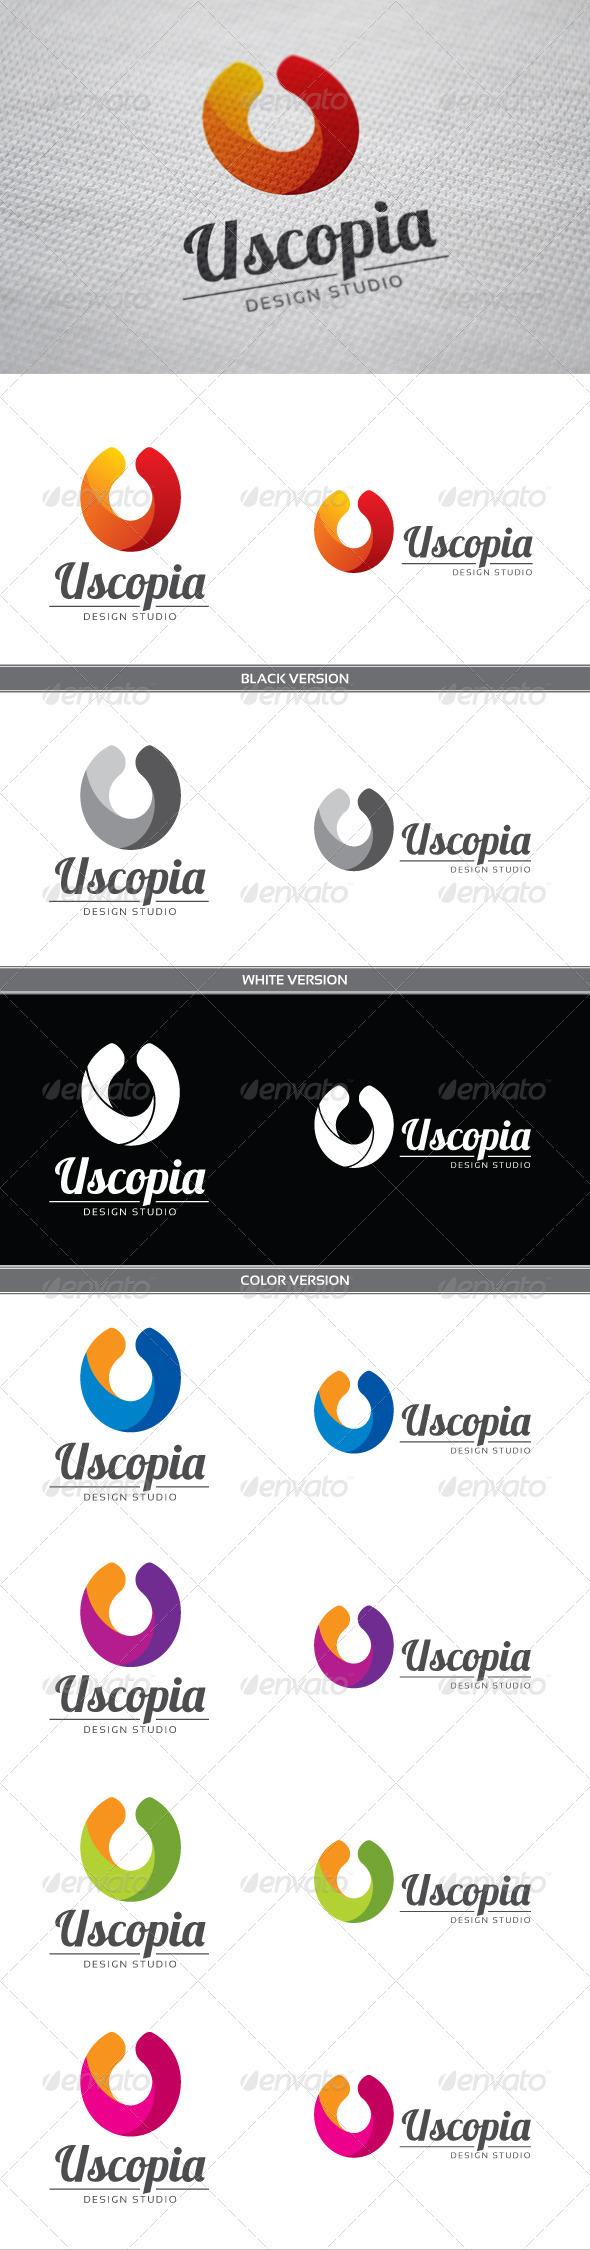 GraphicRiver Uscopia U Letter Logo 3820474